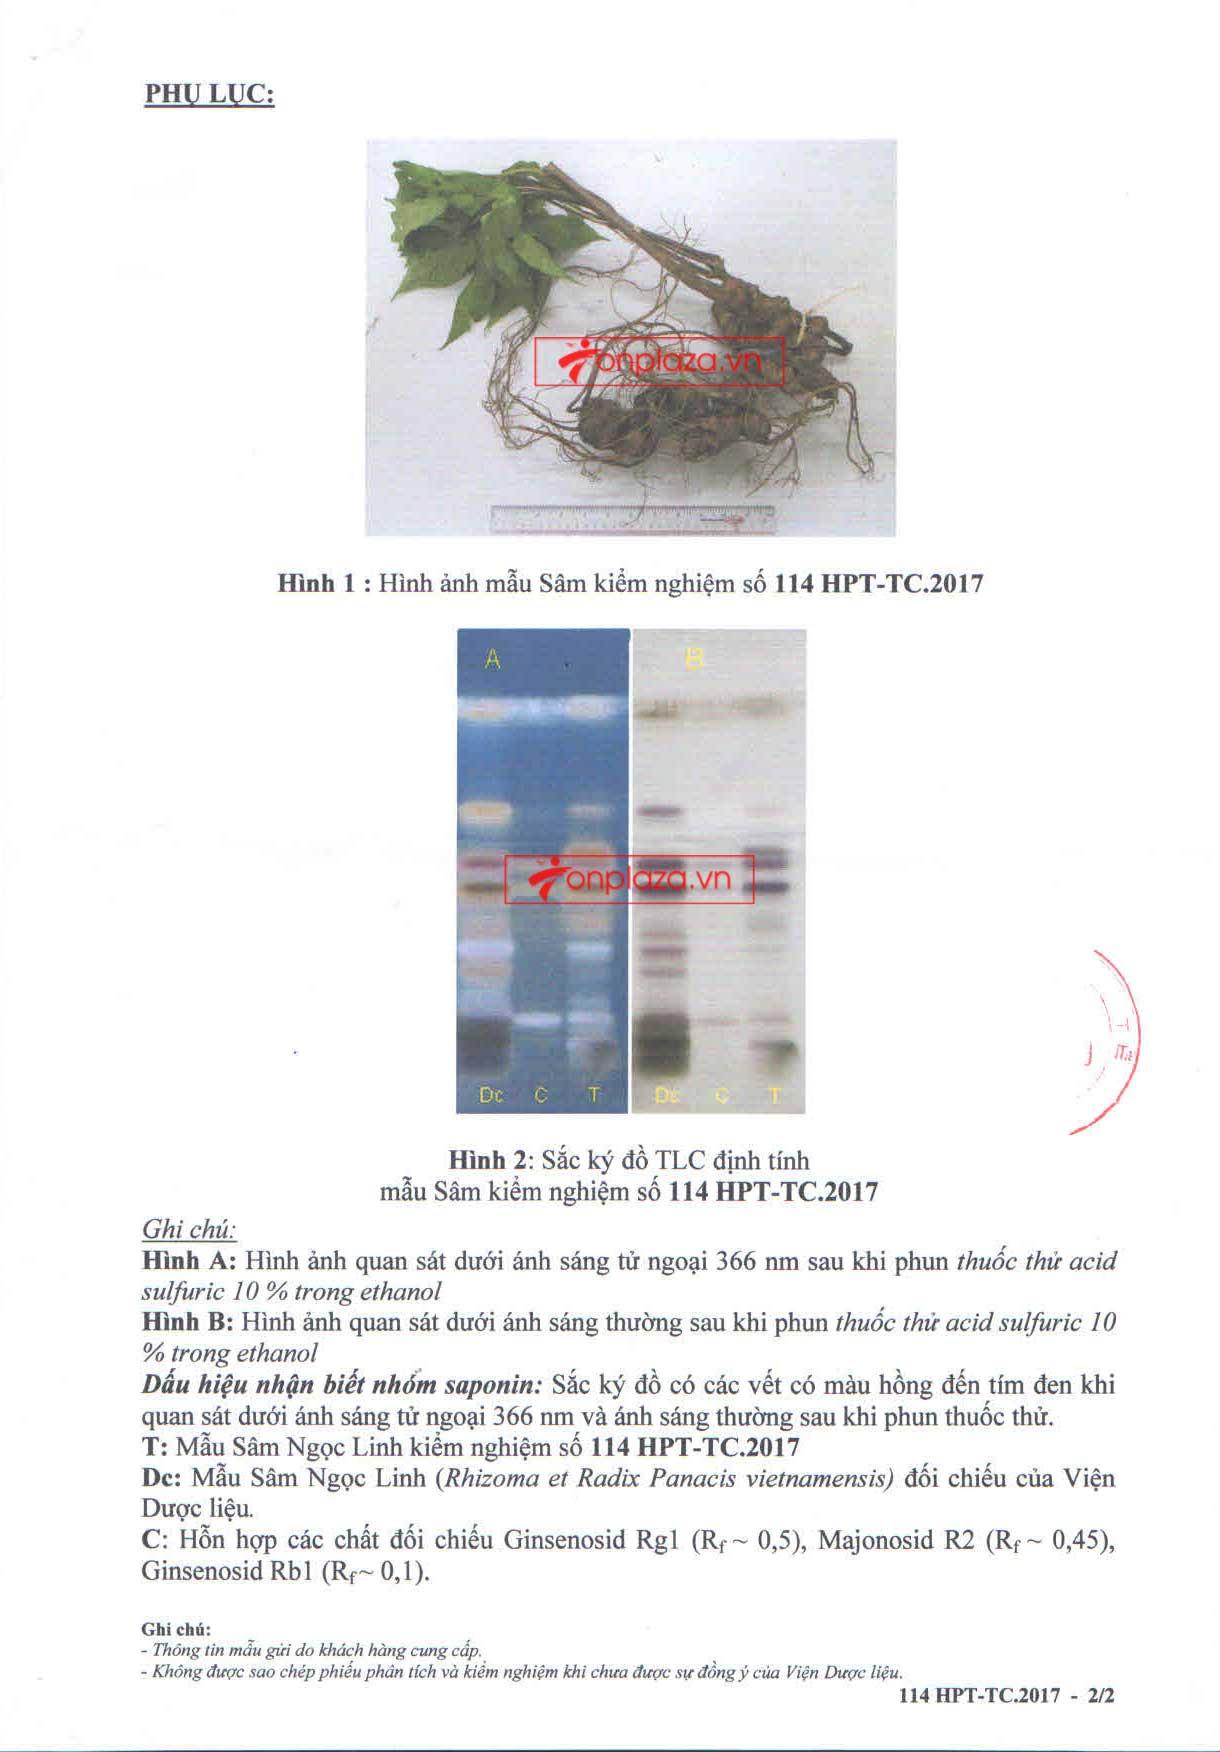 Kết quả kiểm nghiệm sâm  ngọc linh của onplaza Việt Pháp 2